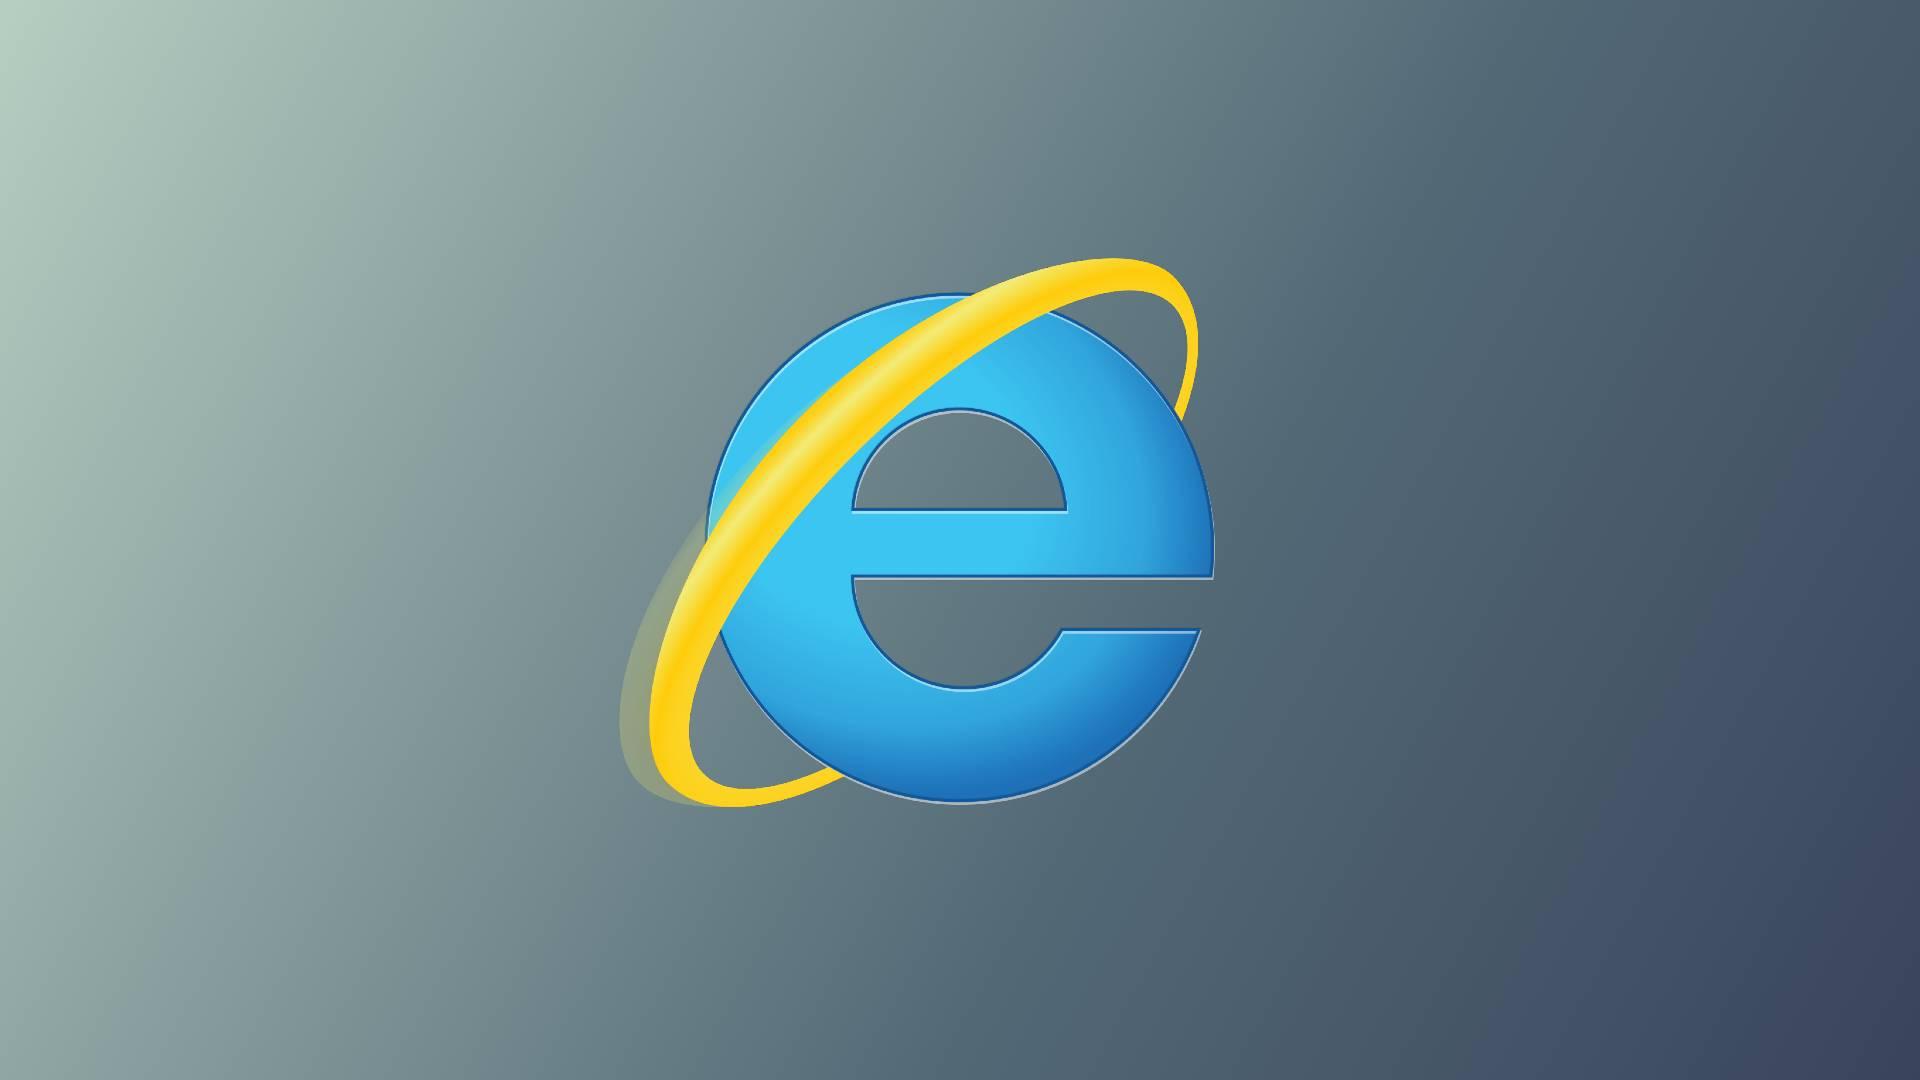 ویندوز ۱۱ به عمر اینترنت اکسپلورر در نسخههای جدید ویندوز پایان میدهد